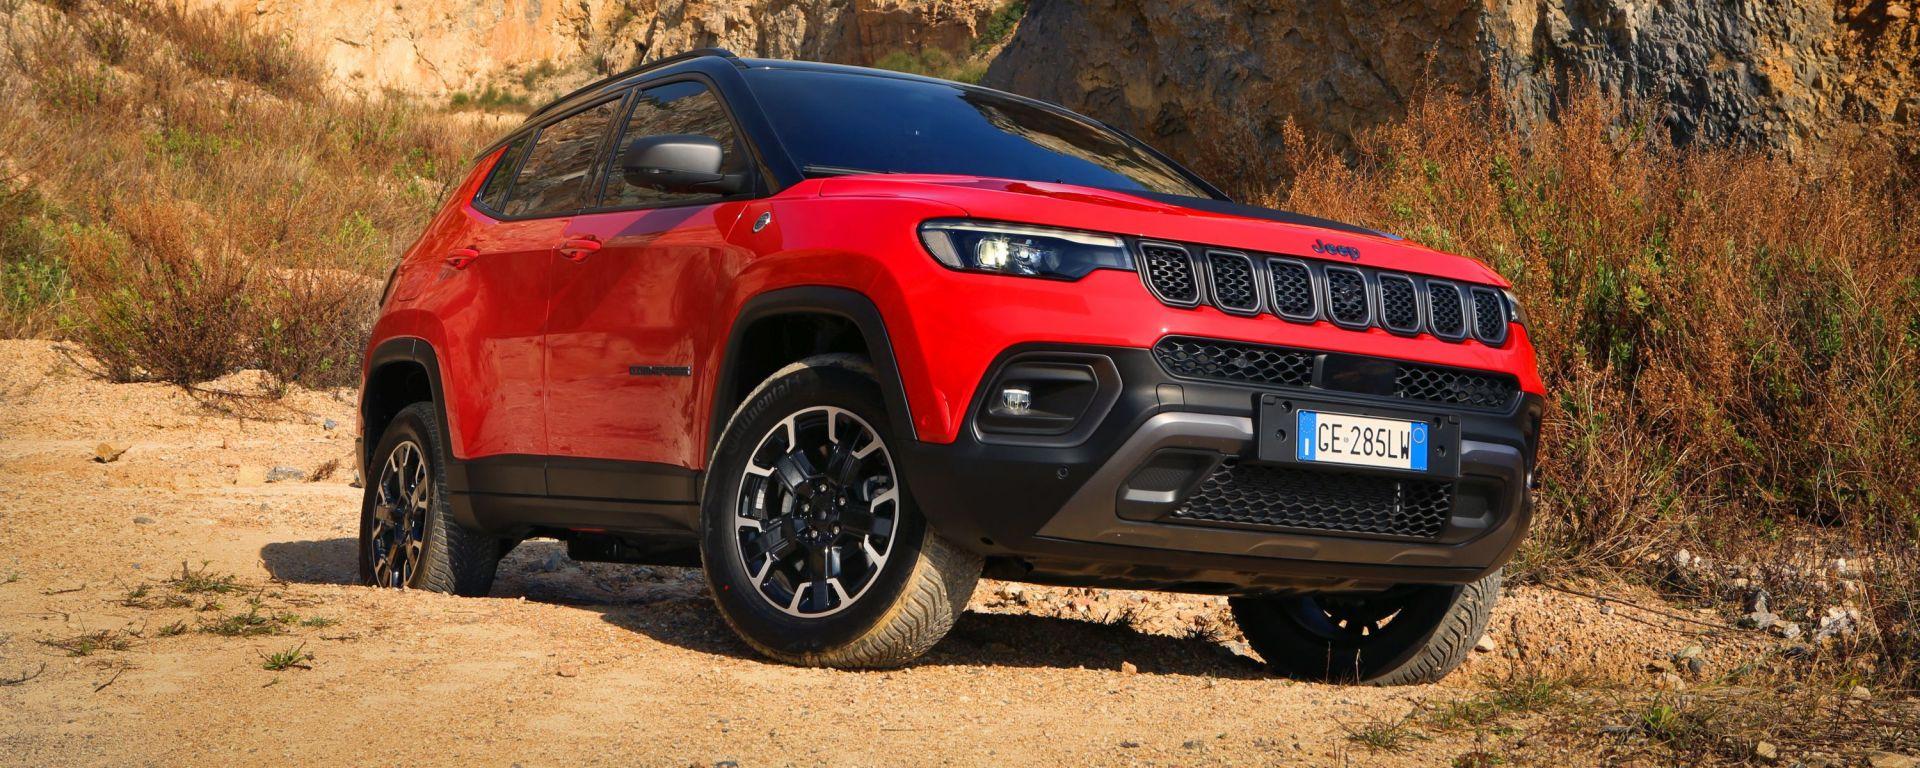 Nuova Jeep Compass 2021: la Trailhawk 4xe, modello specifico per l'off-road